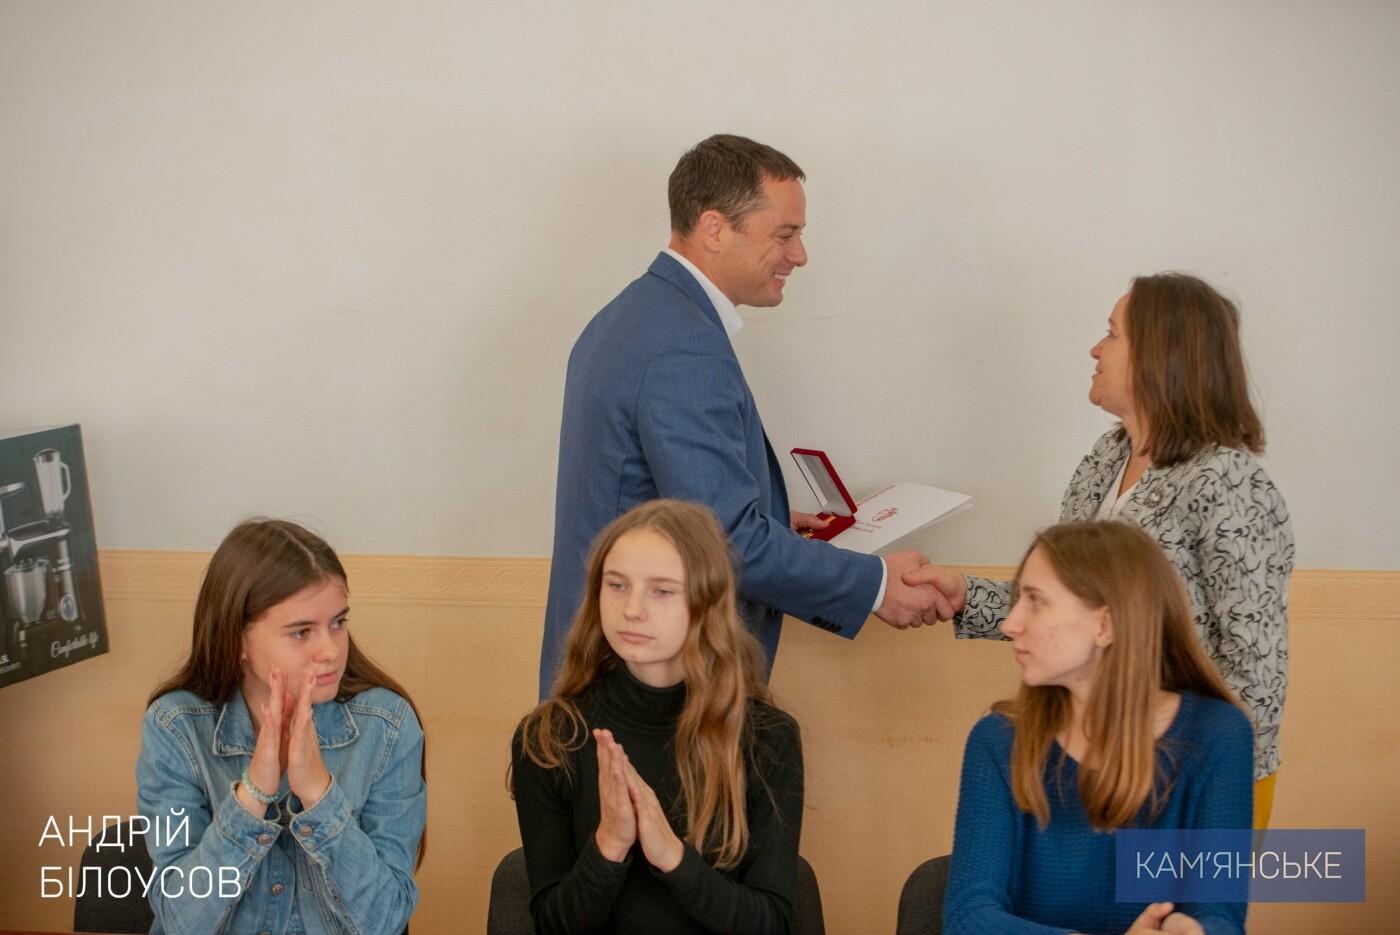 В Каменском поздравили родителей-воспитателей ДДСТ и детей с Днем усыновления, фото-1